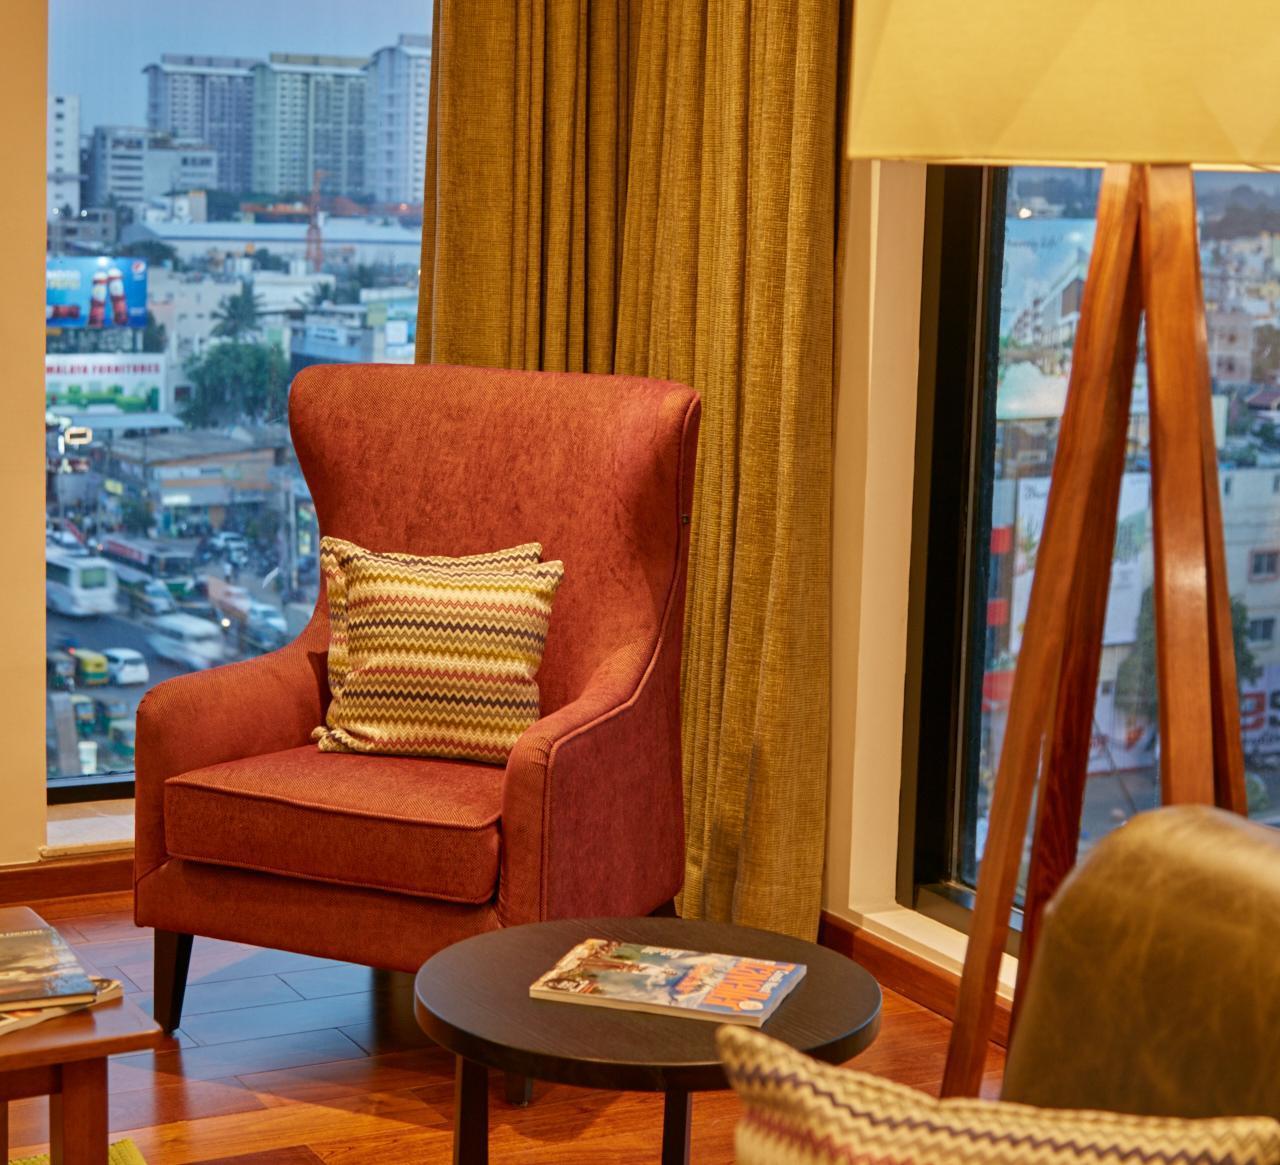 The Waverly Hotel Residences Bangalore India